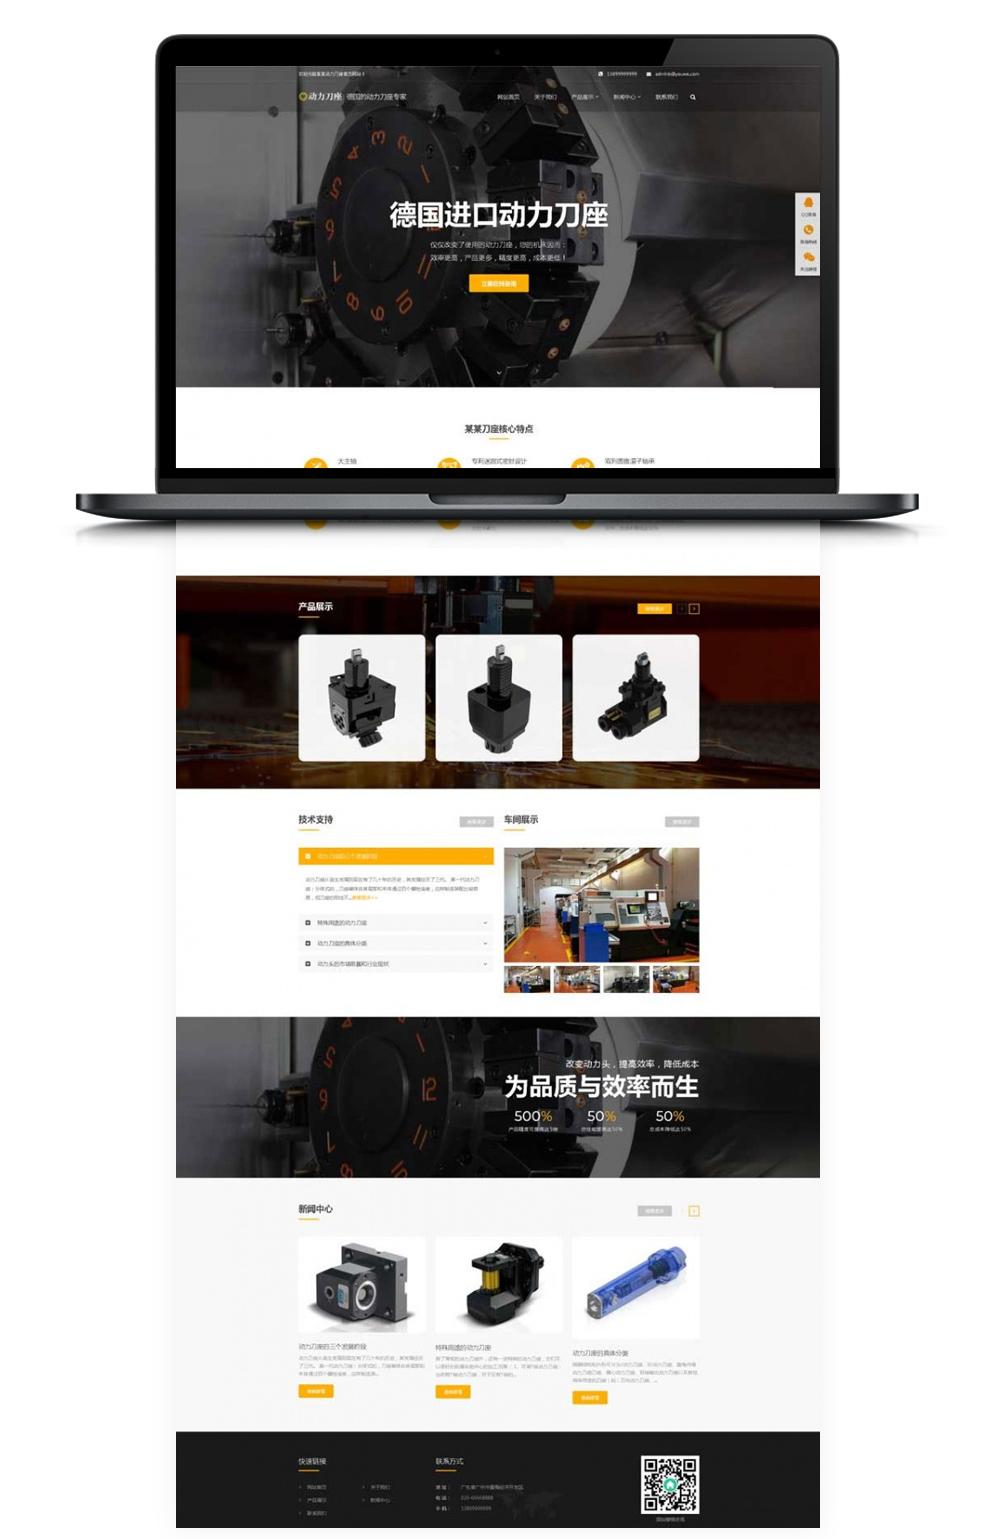 【企业网站模板】DEDECMS织梦大型五金模型企业公司网站模板 自适应手机移动端-找主题源码